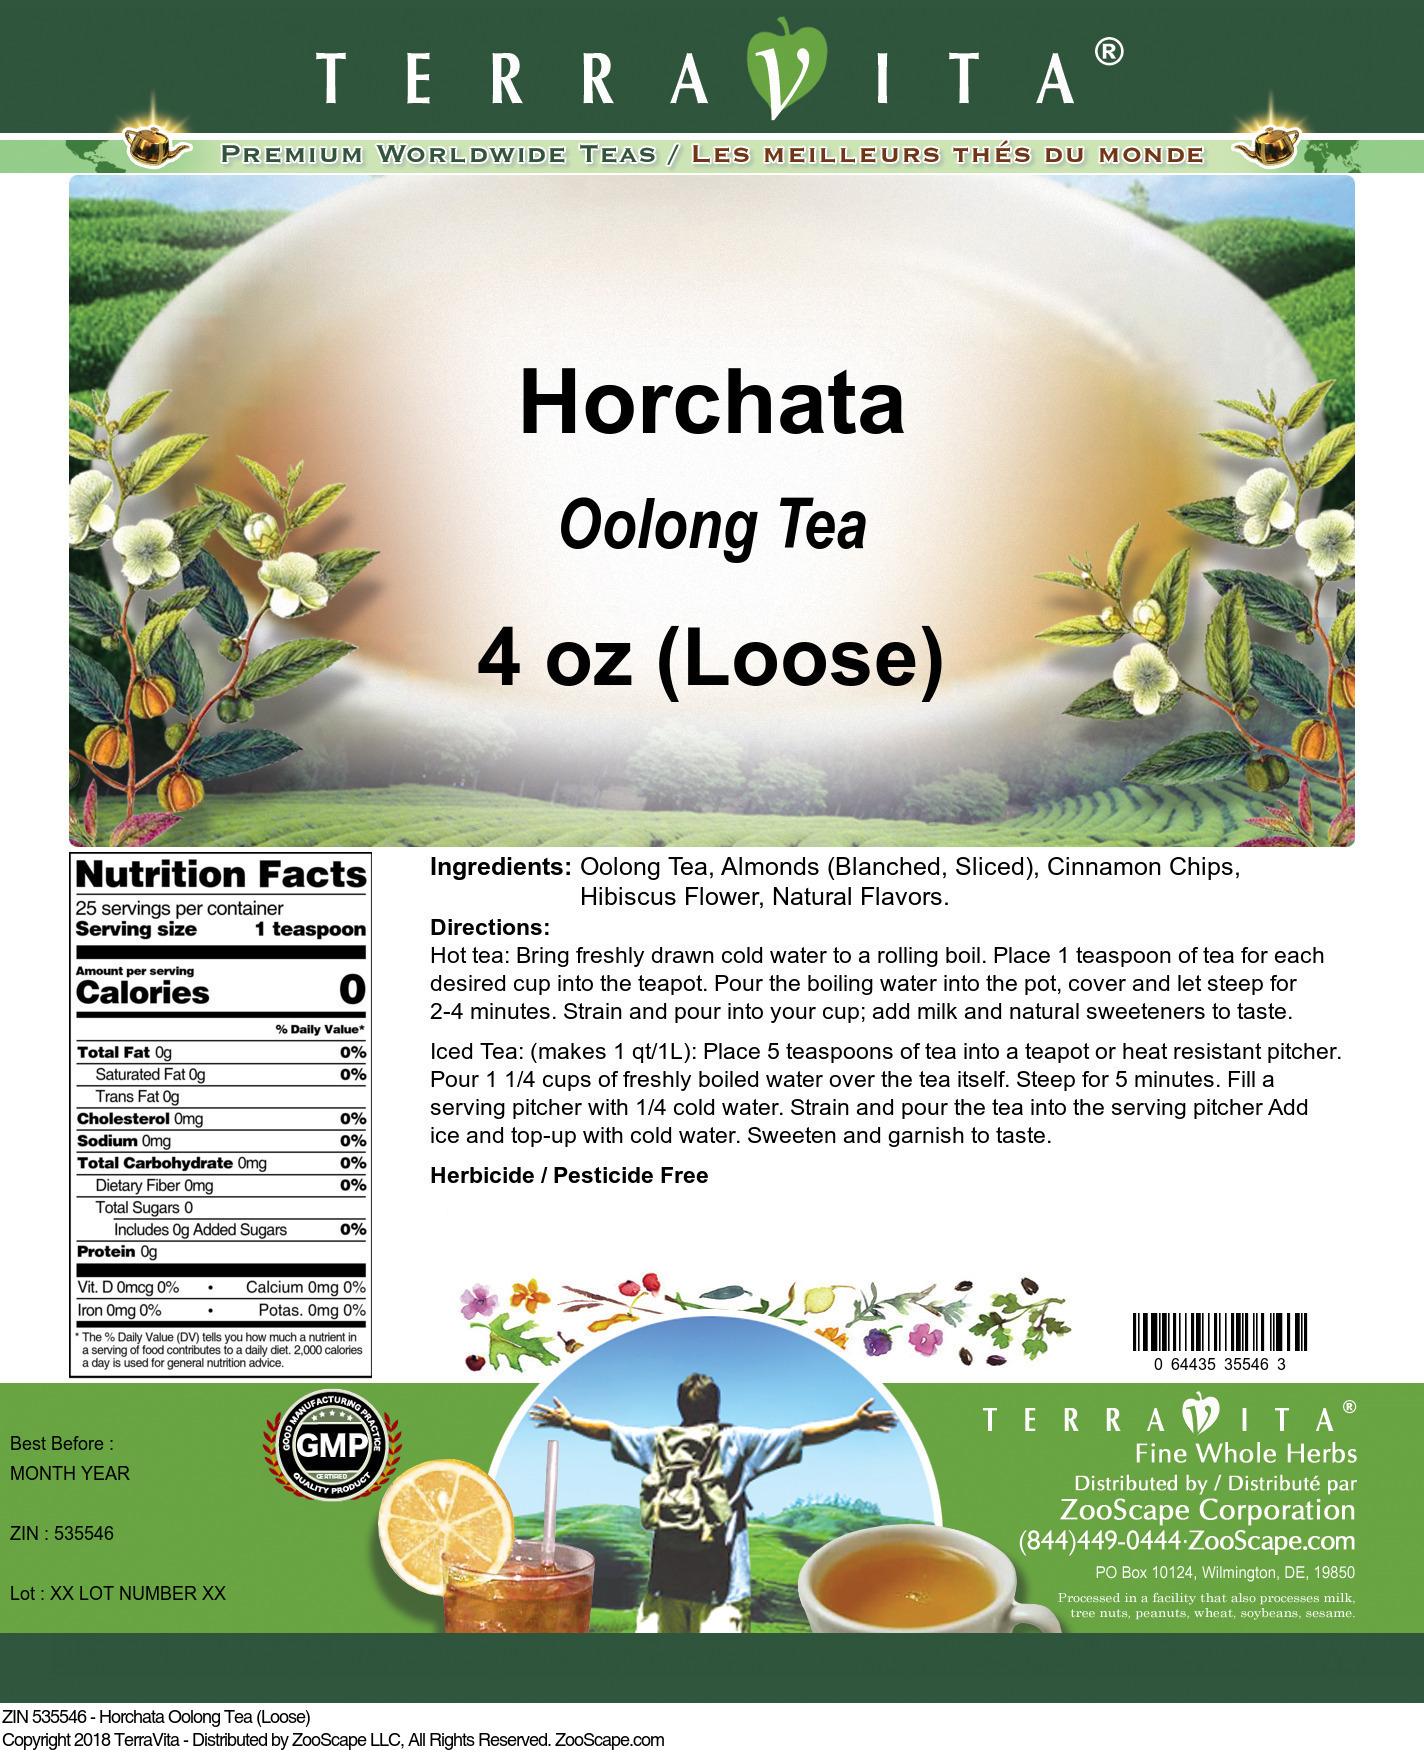 Horchata Oolong Tea (Loose)